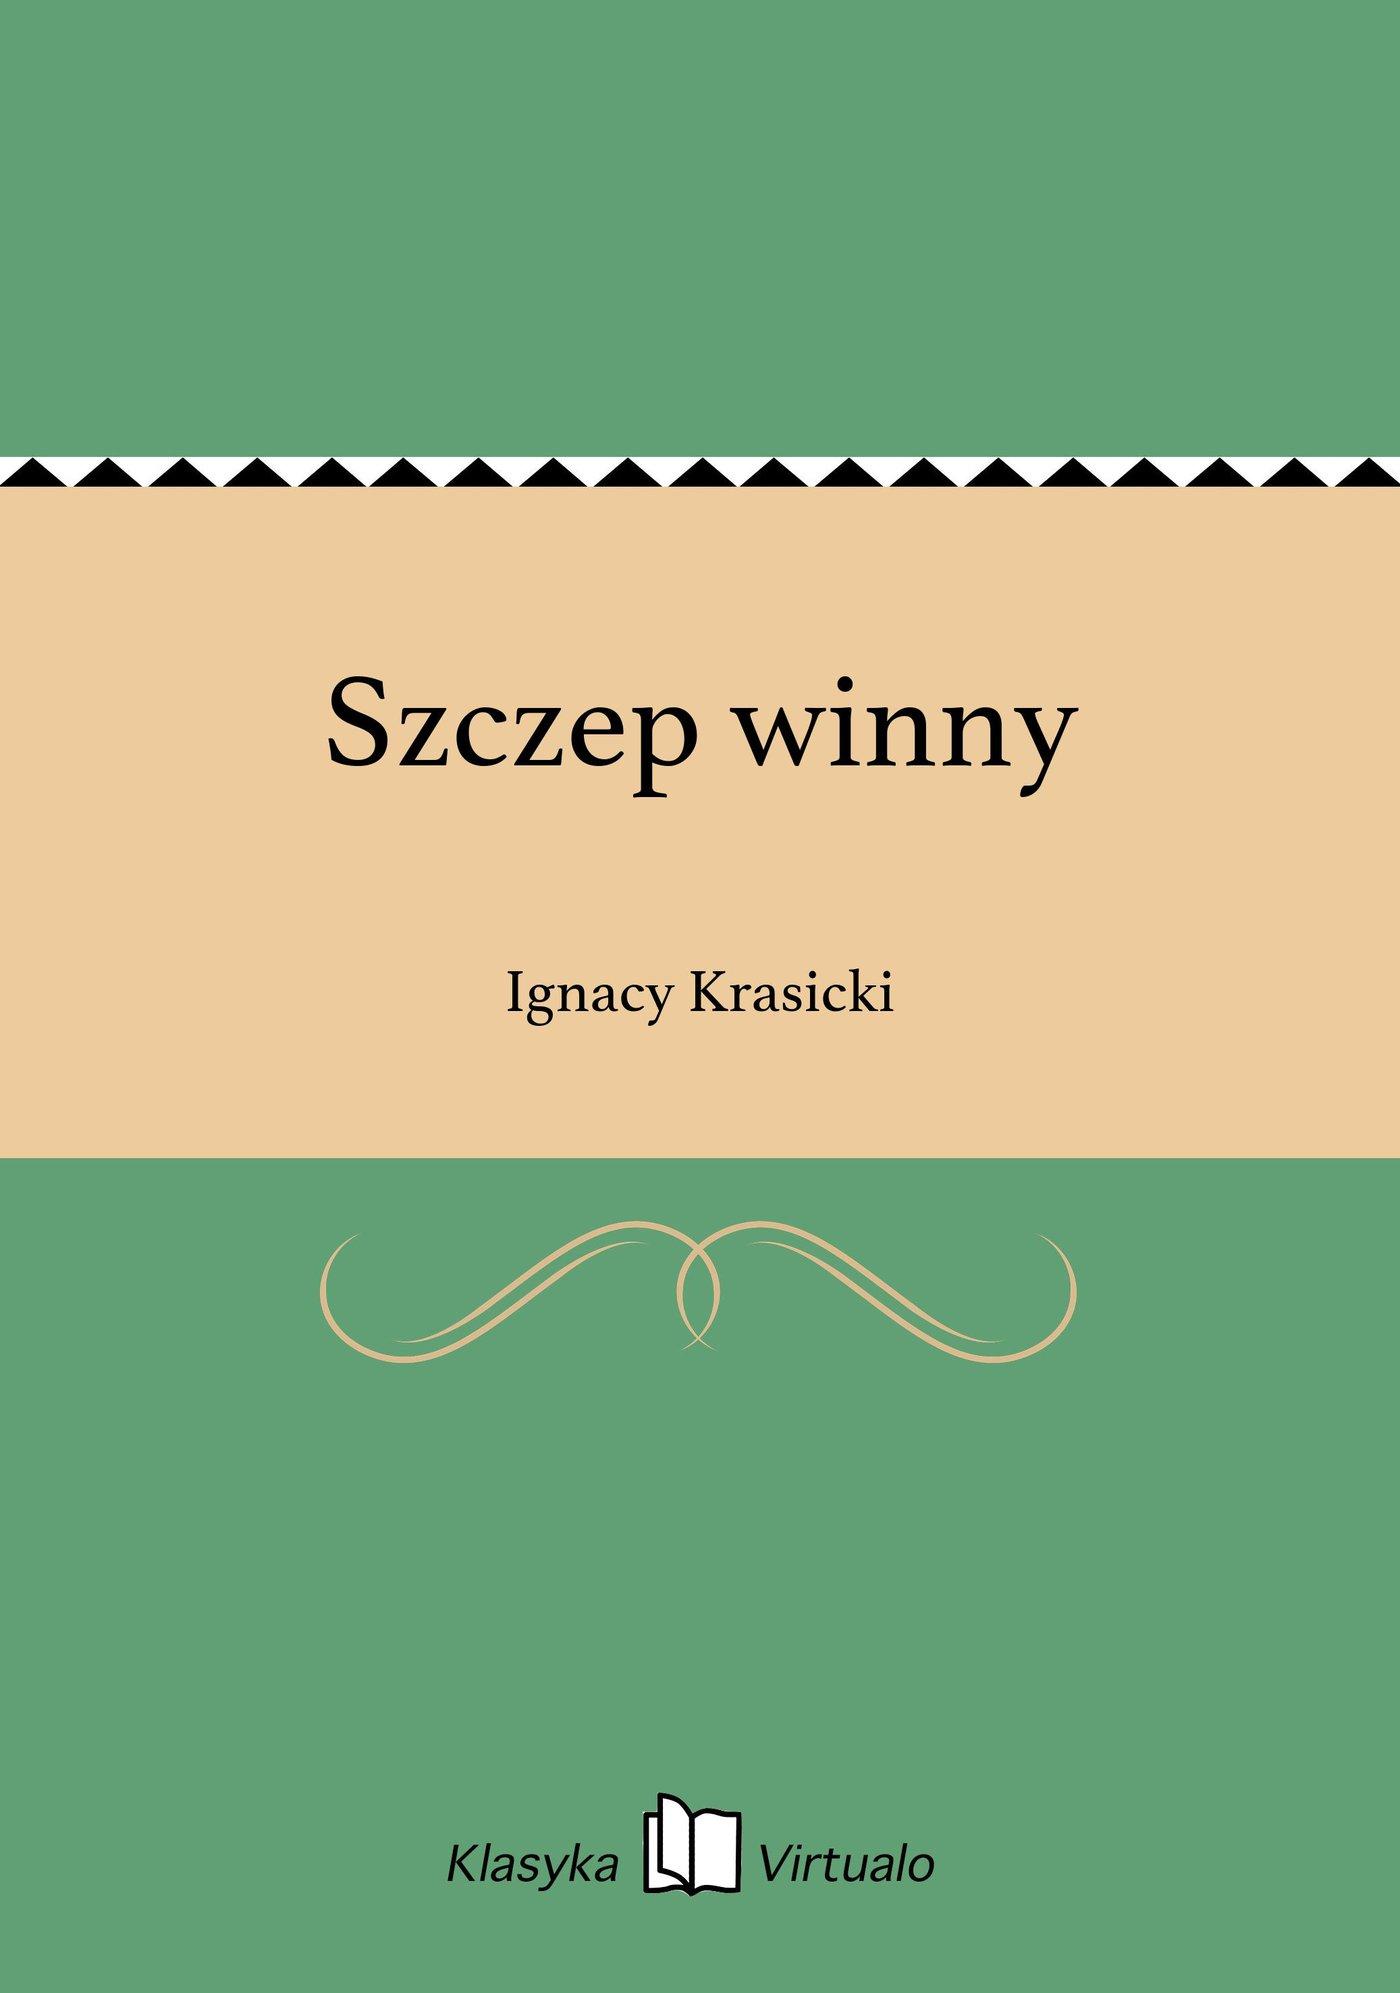 Szczep winny - Ebook (Książka EPUB) do pobrania w formacie EPUB